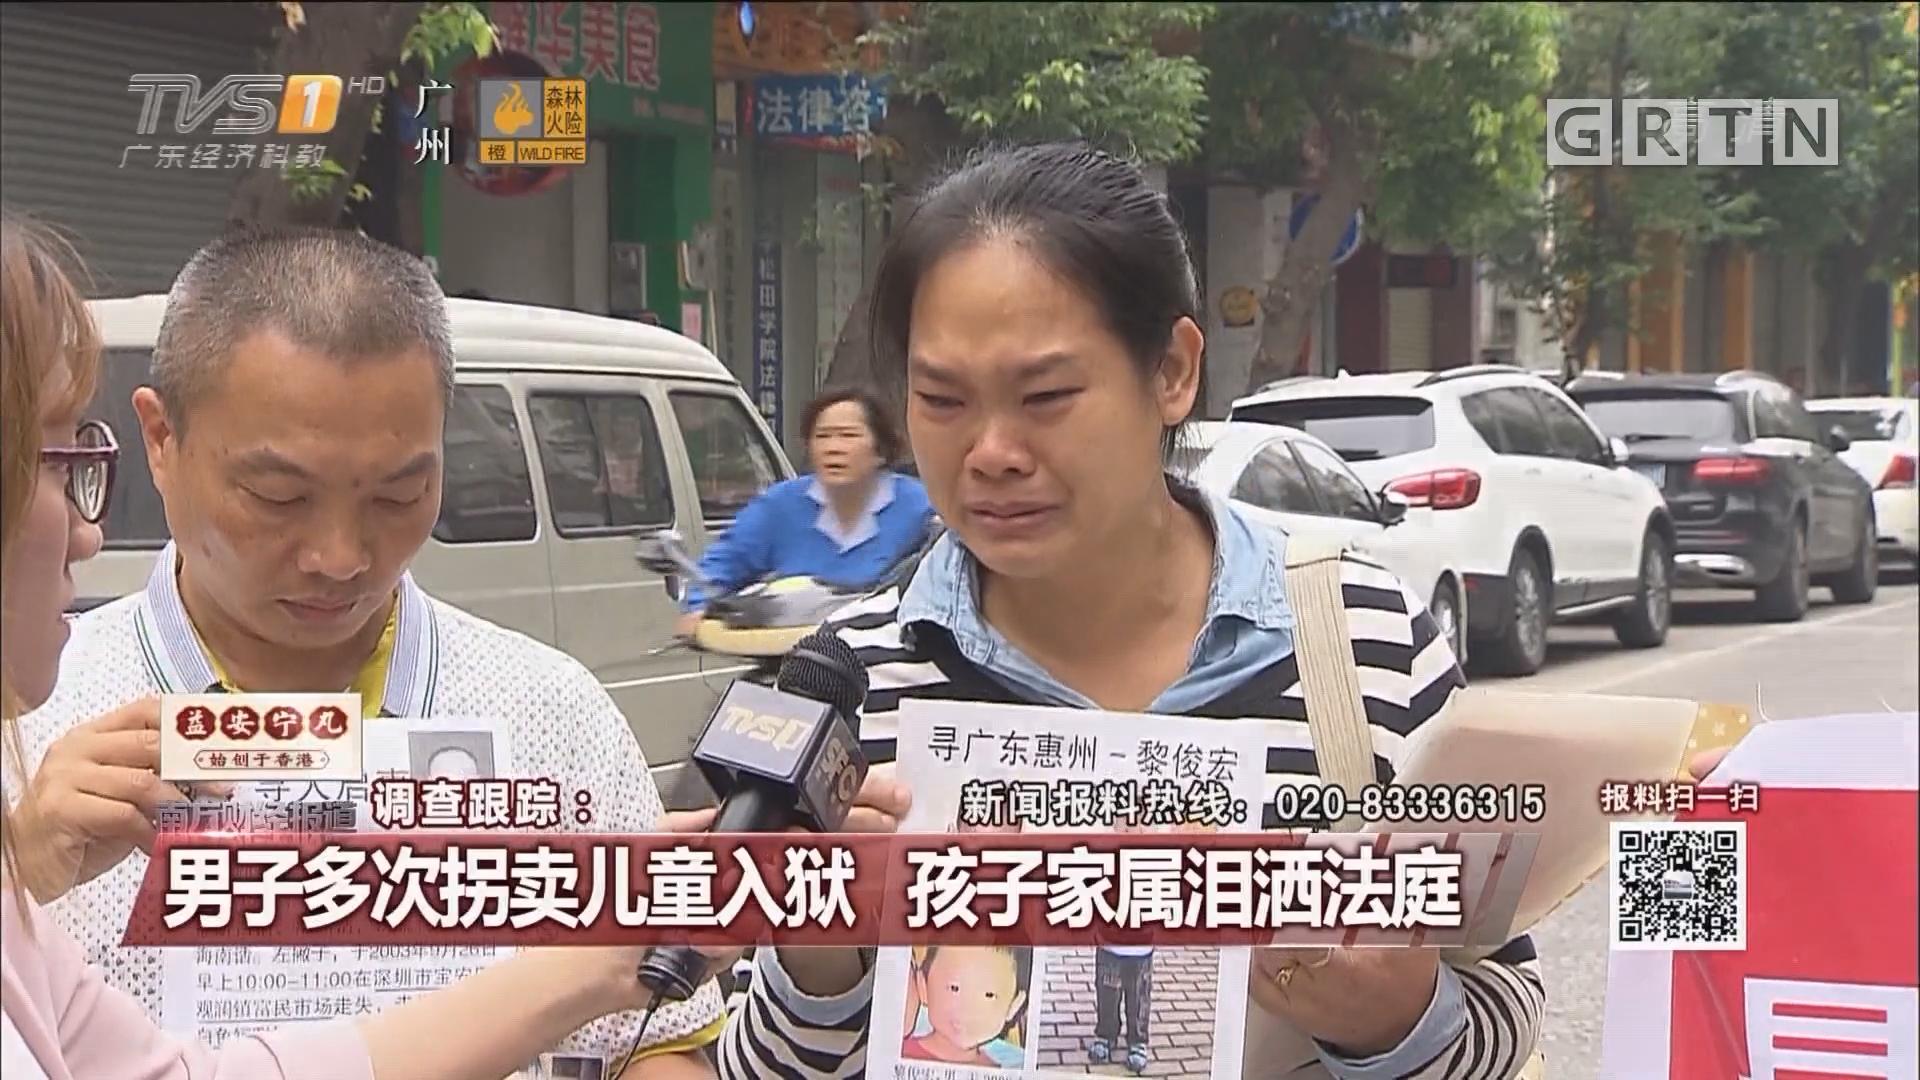 调查跟踪:男子多次拐卖儿童入狱 孩子家属泪洒法庭